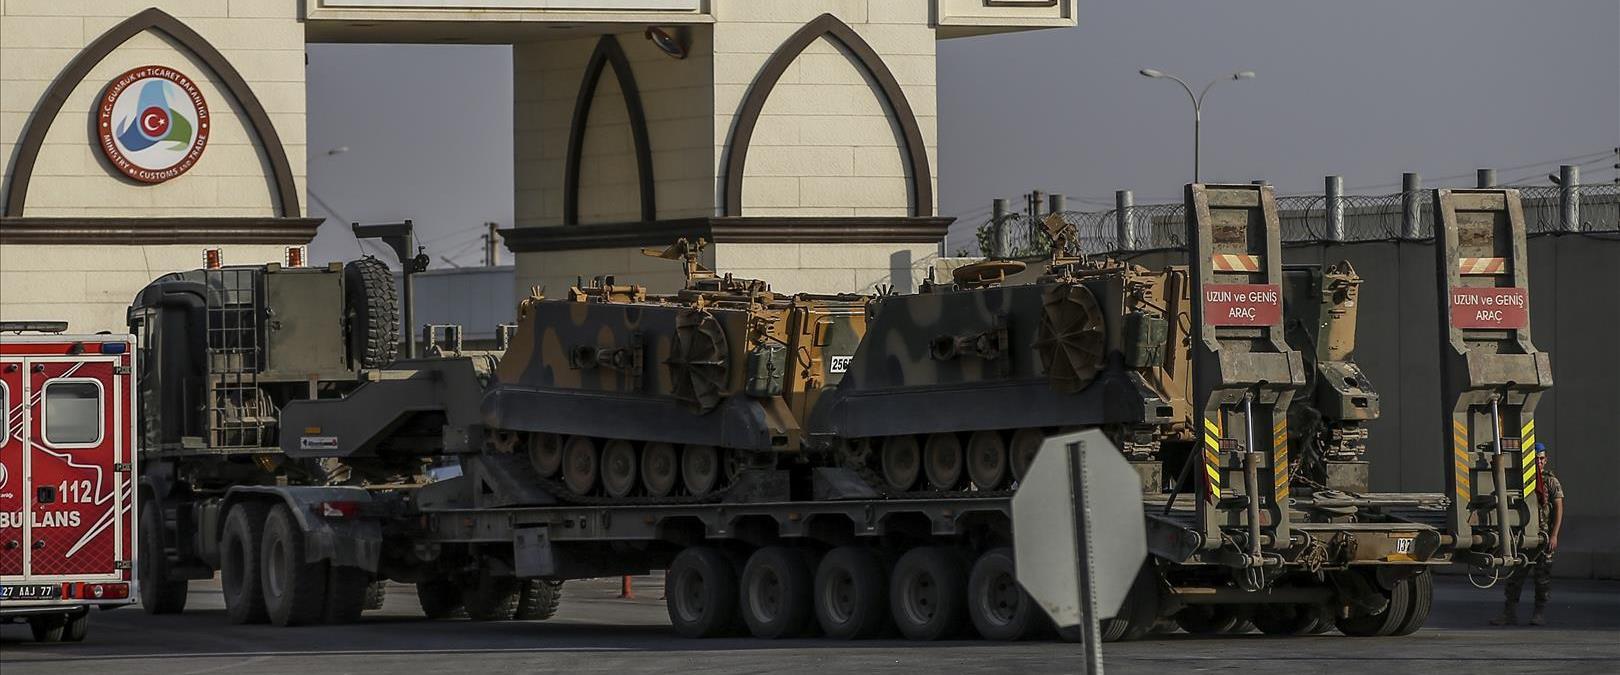 המבצע הצבאי של טורקיה בסוריה נגד הכורדים